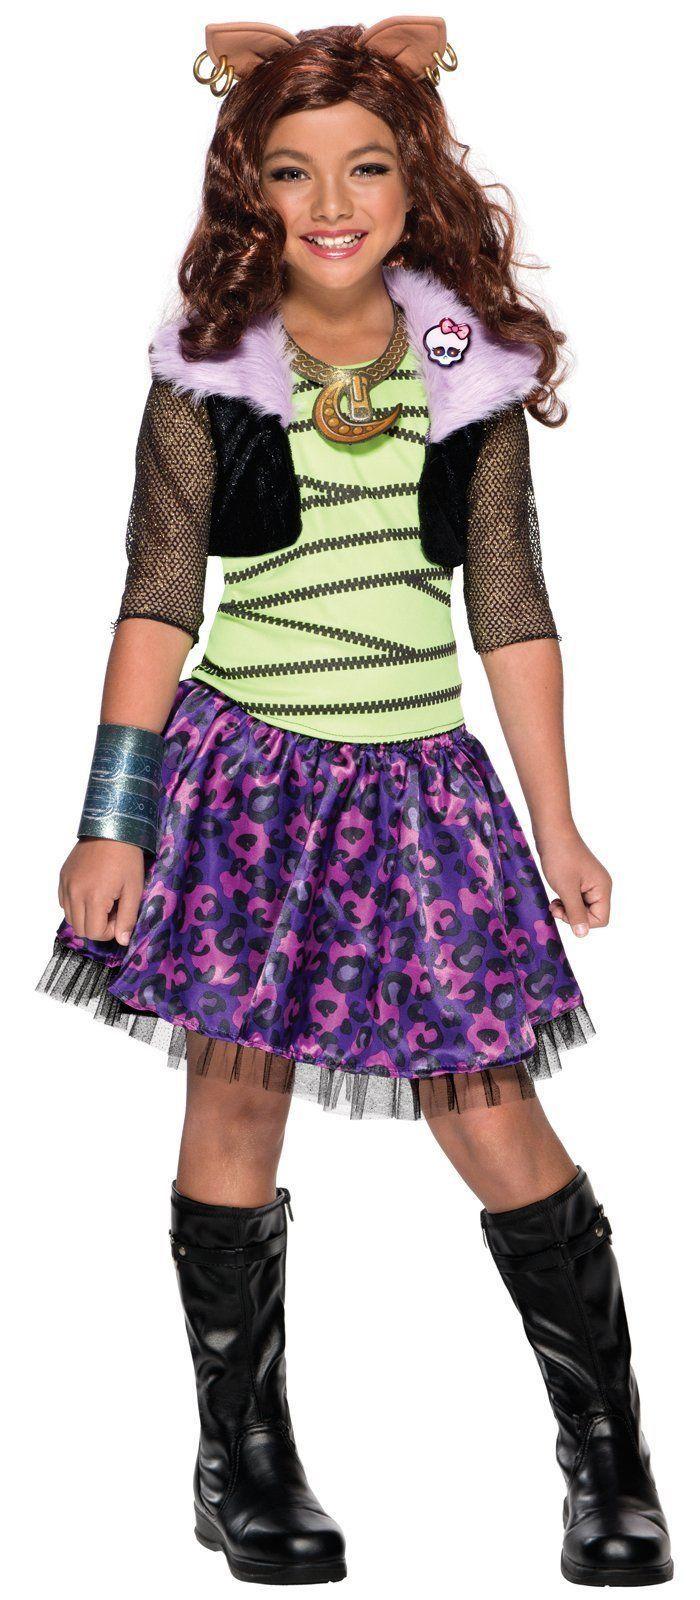 Monster High - Clawdeen Wolf Child Costume | Wolf children ...